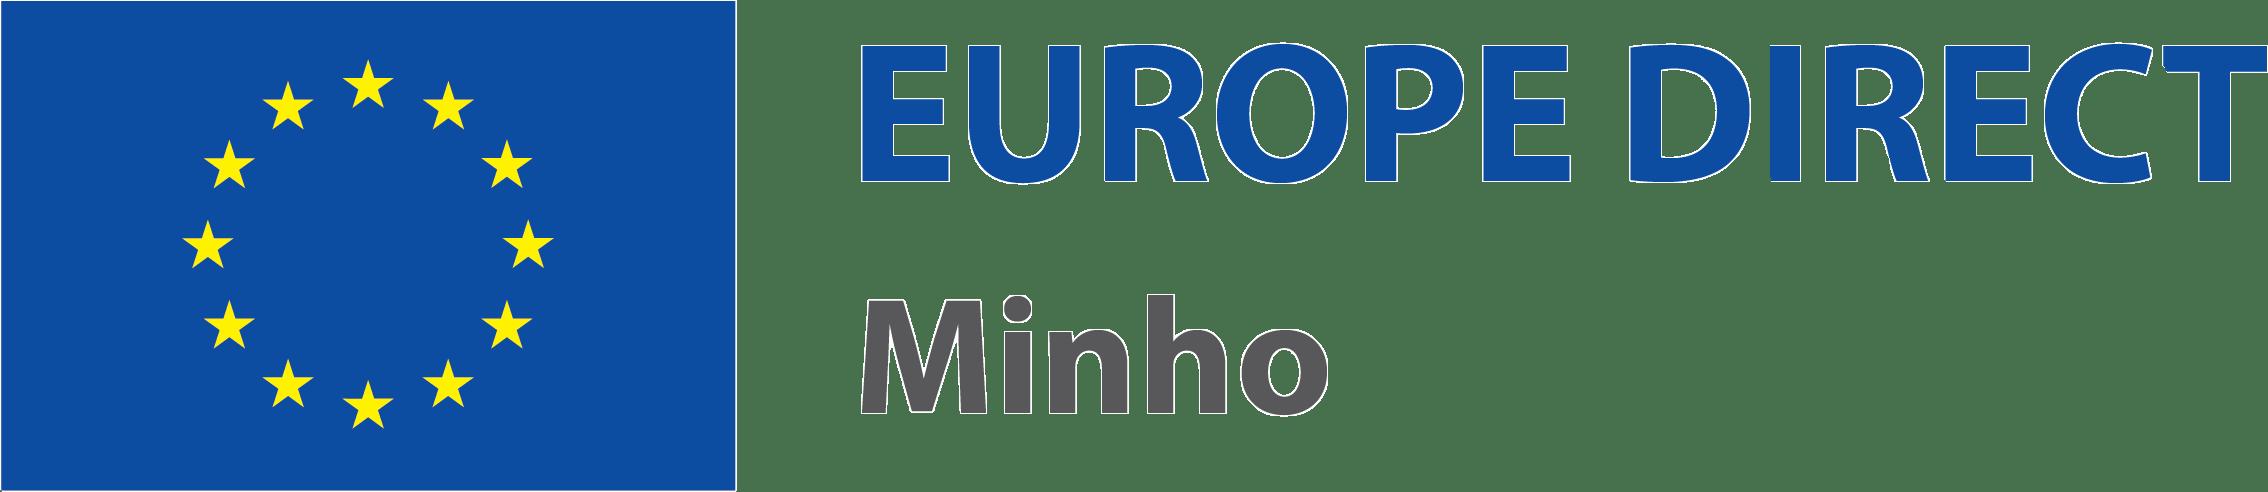 Quer saber mais sobre a União Europeia e participar num debate sobre o seu futuro?